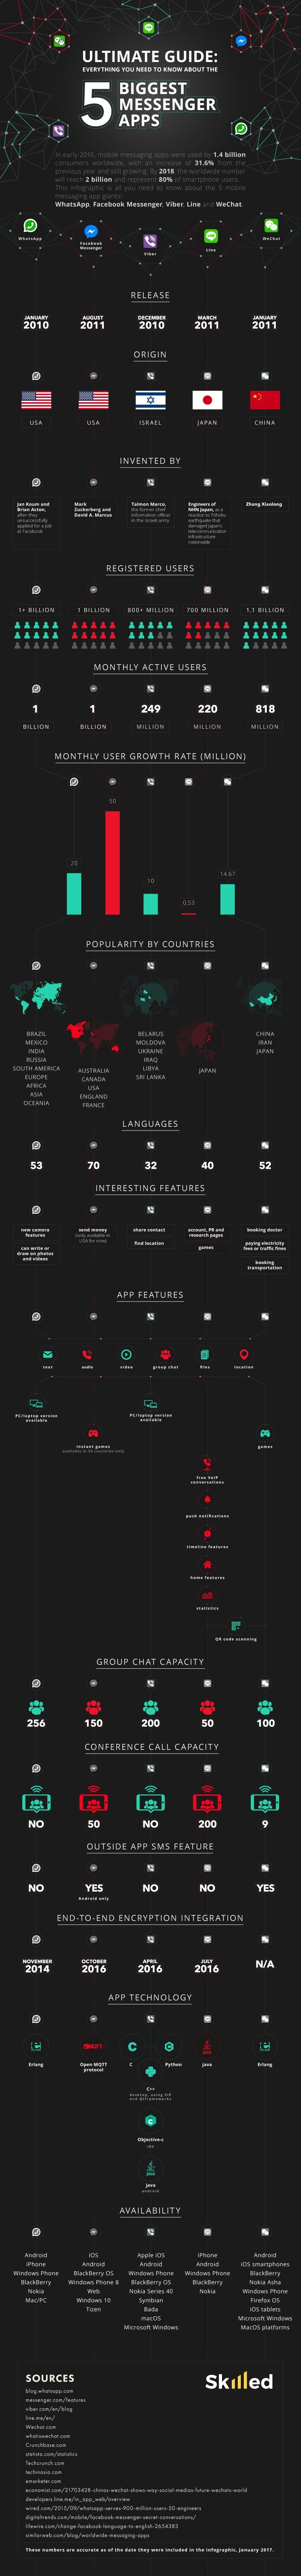 Messenger Apps Comparison